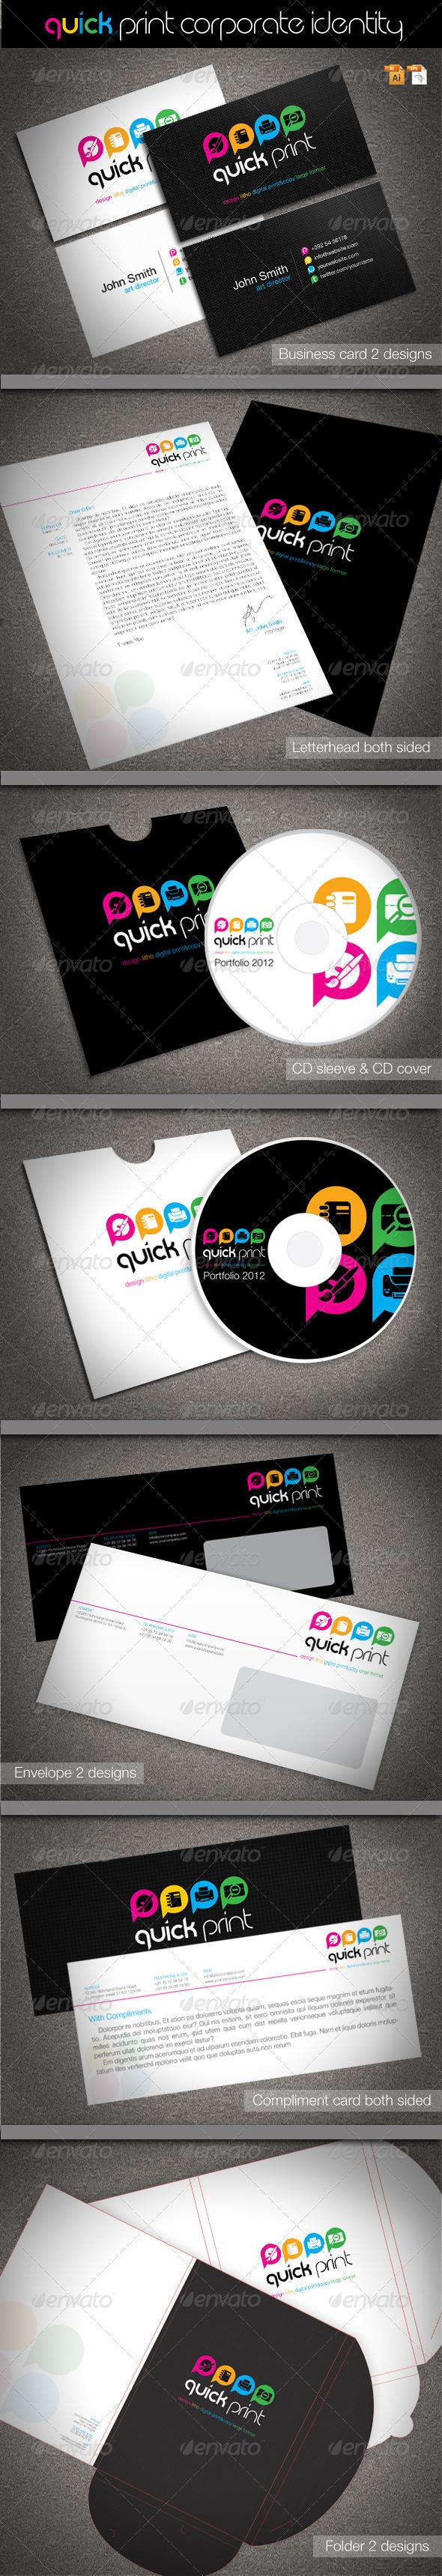 GraphicRiver Quick Print Corporate Identity 1613497